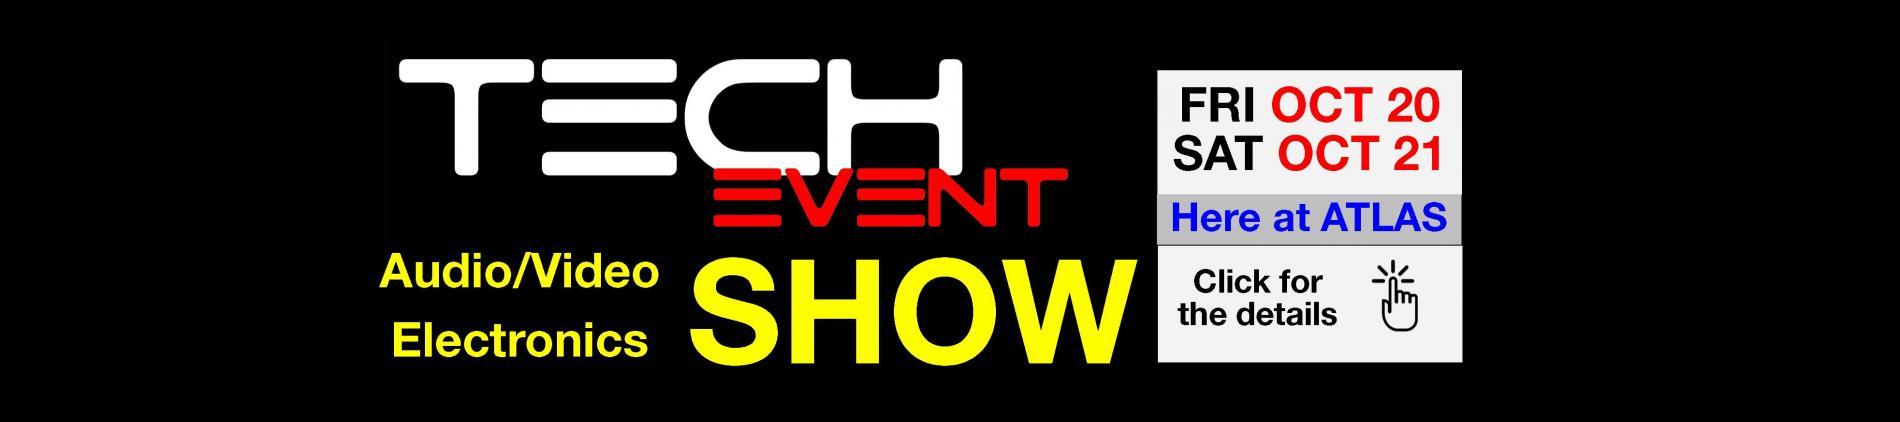 Tech Event slide 3